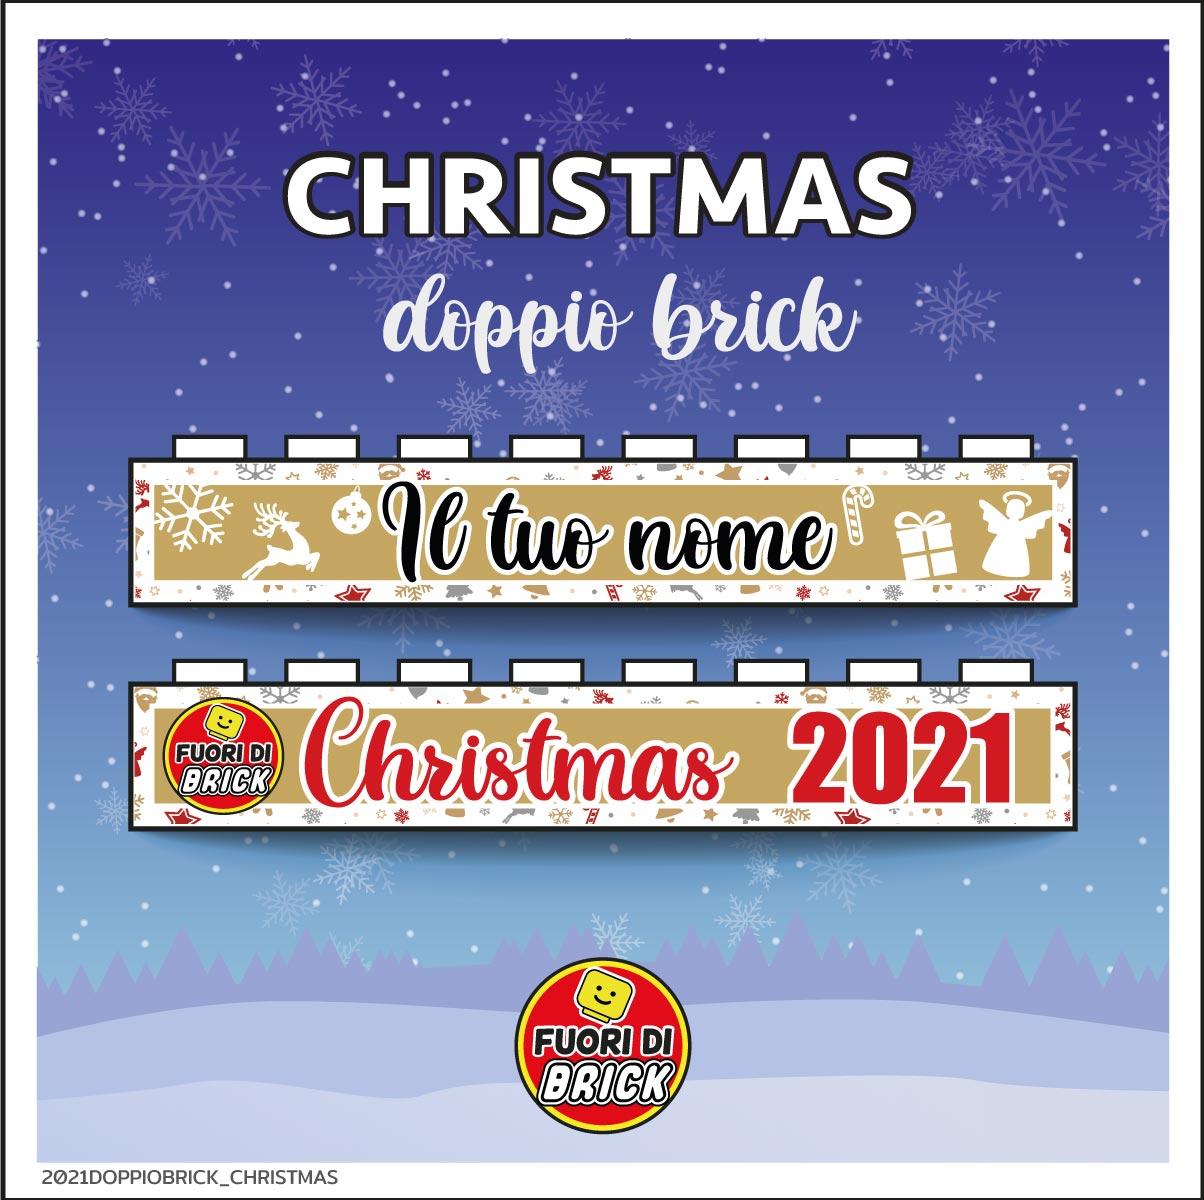 2021DOPPIOBRICK_CHRISTMAS